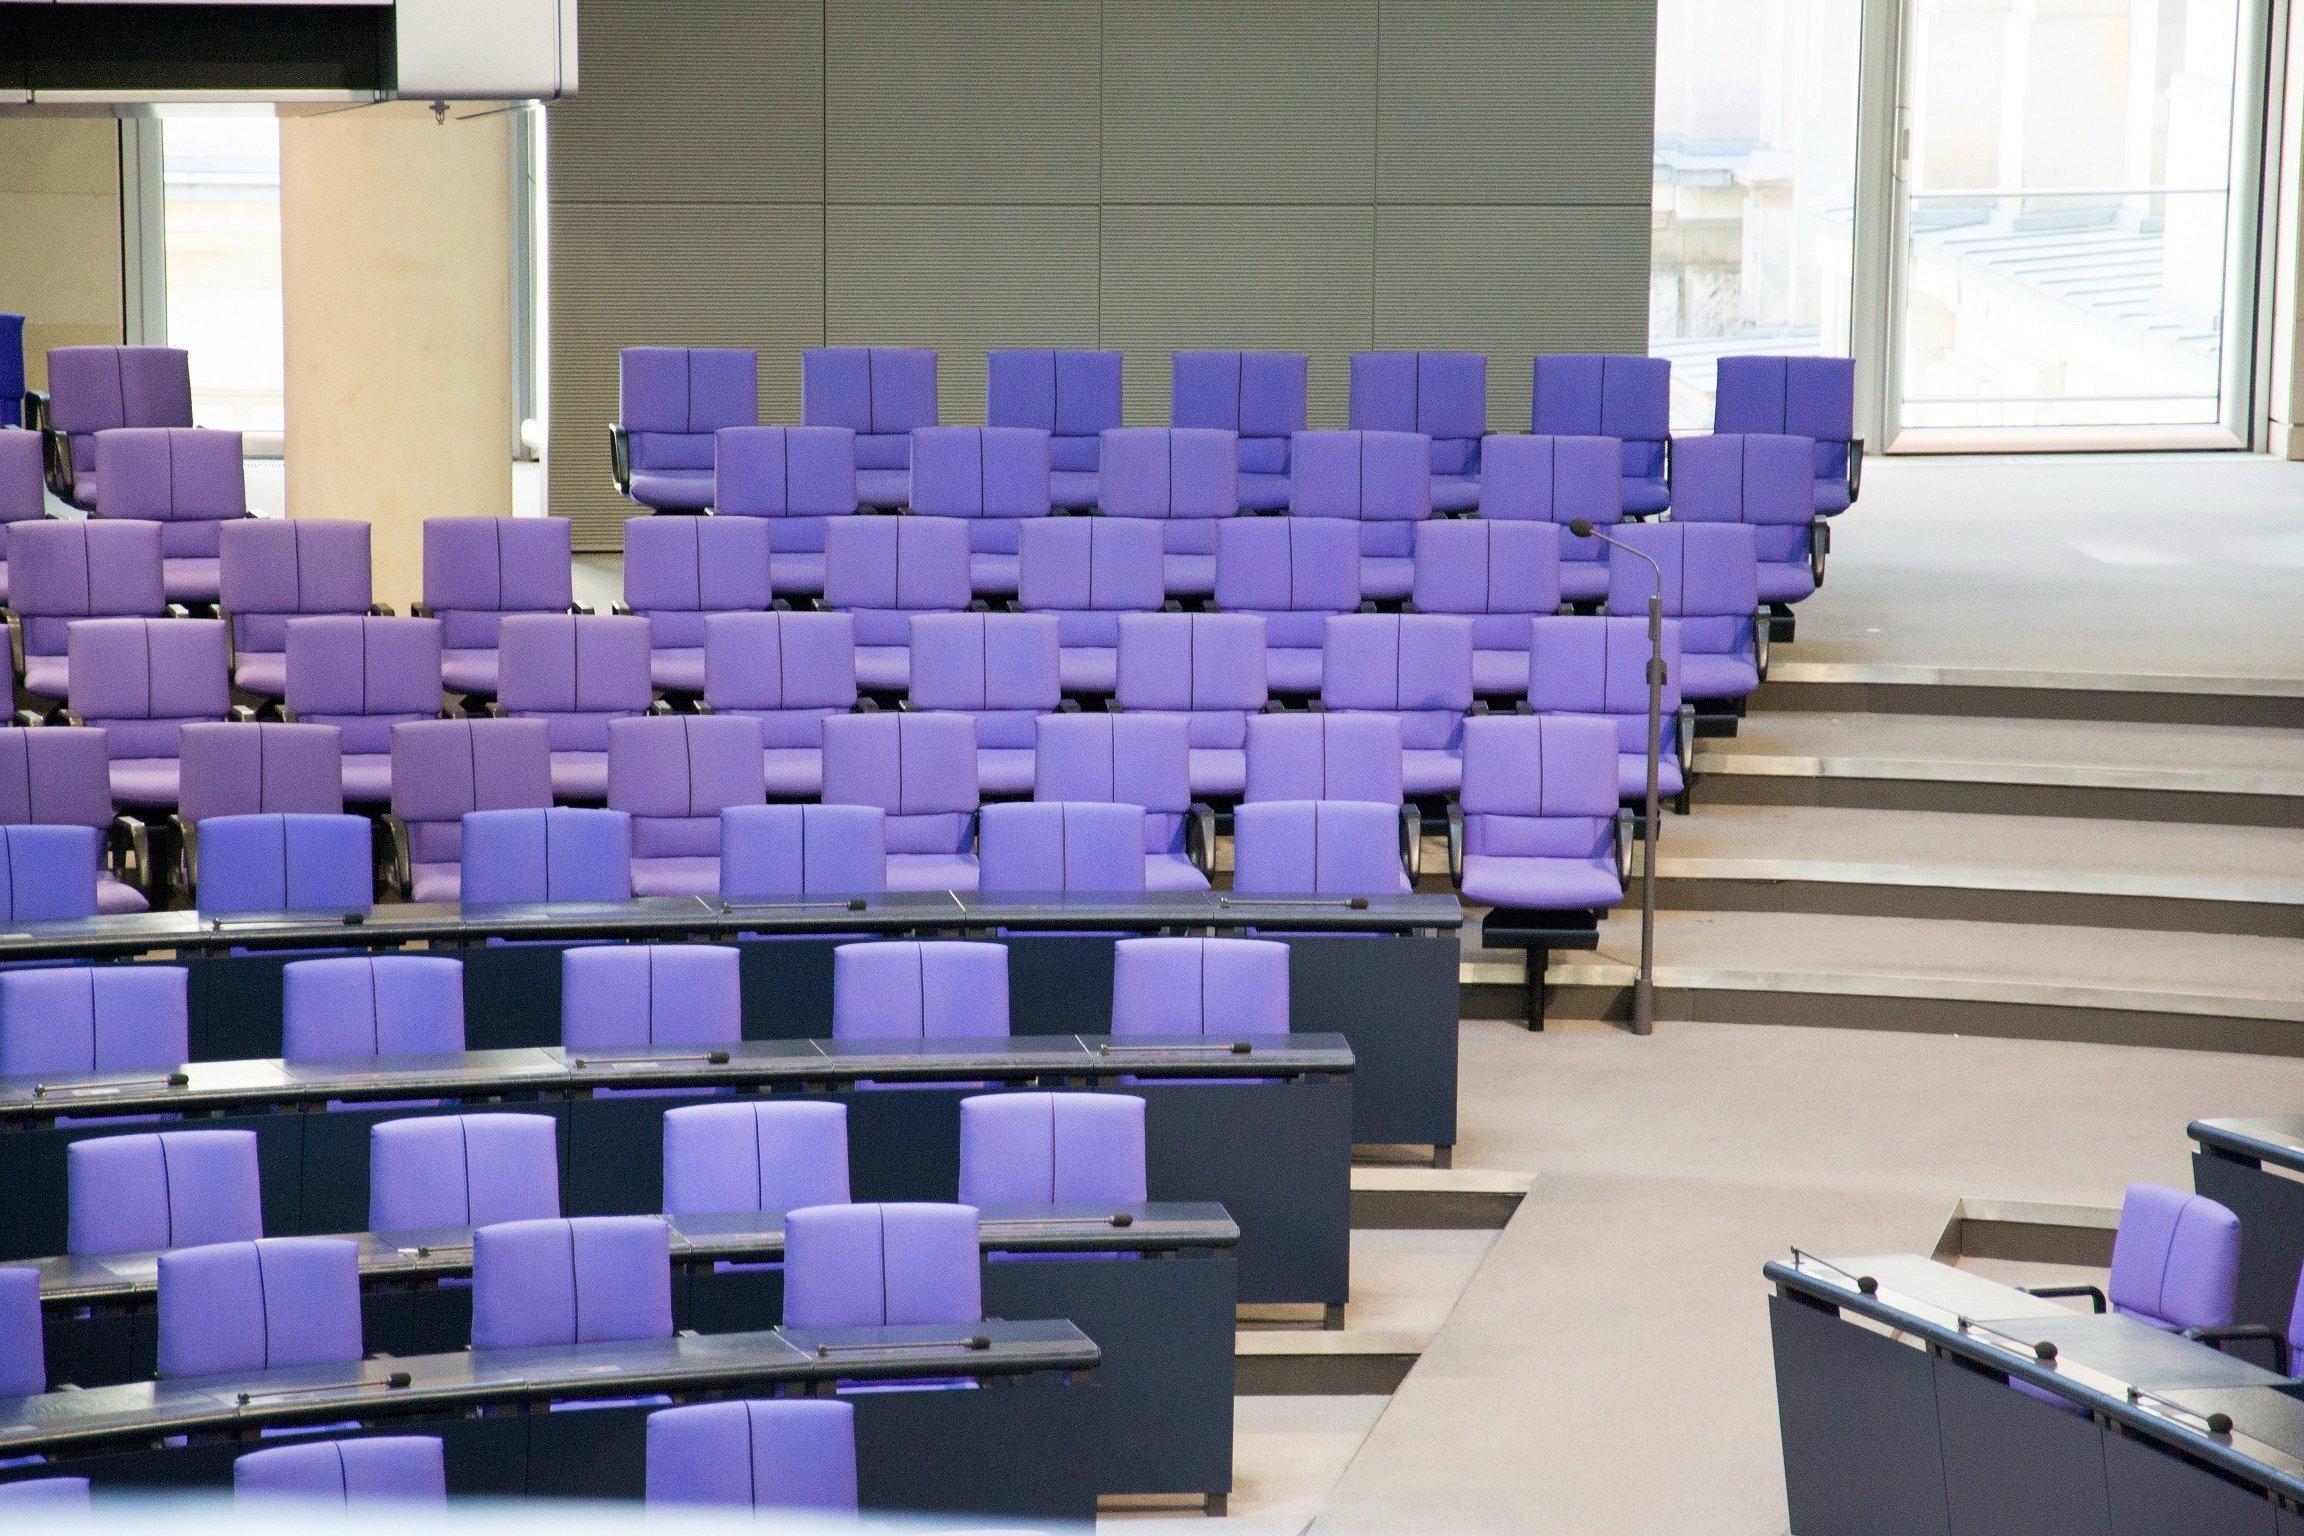 Die AfD ist mit 92Abgeordneten im Bundestag vertreten. Sie sitzen am rechten Rand des Plenarsaals. Im Bild sind ihre Plätze im leeren Saal zu sehen.